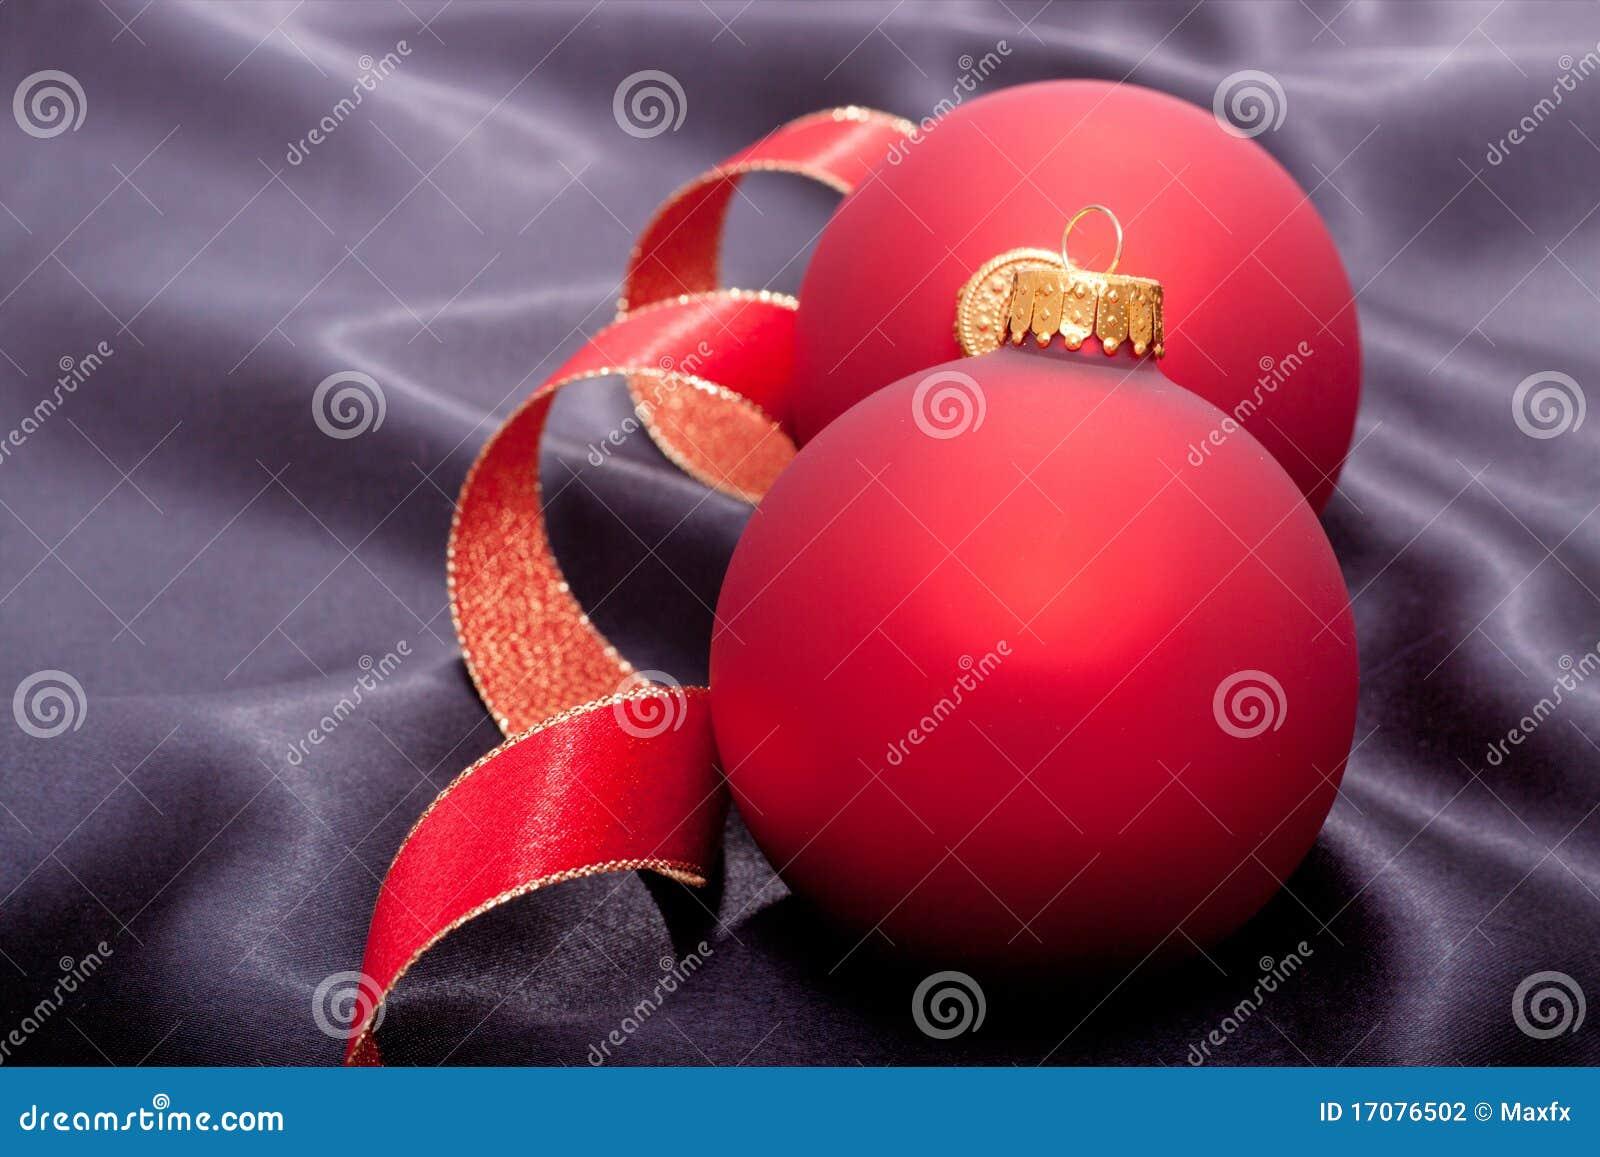 Weihnachtsverzierung auf schwarzem Satin